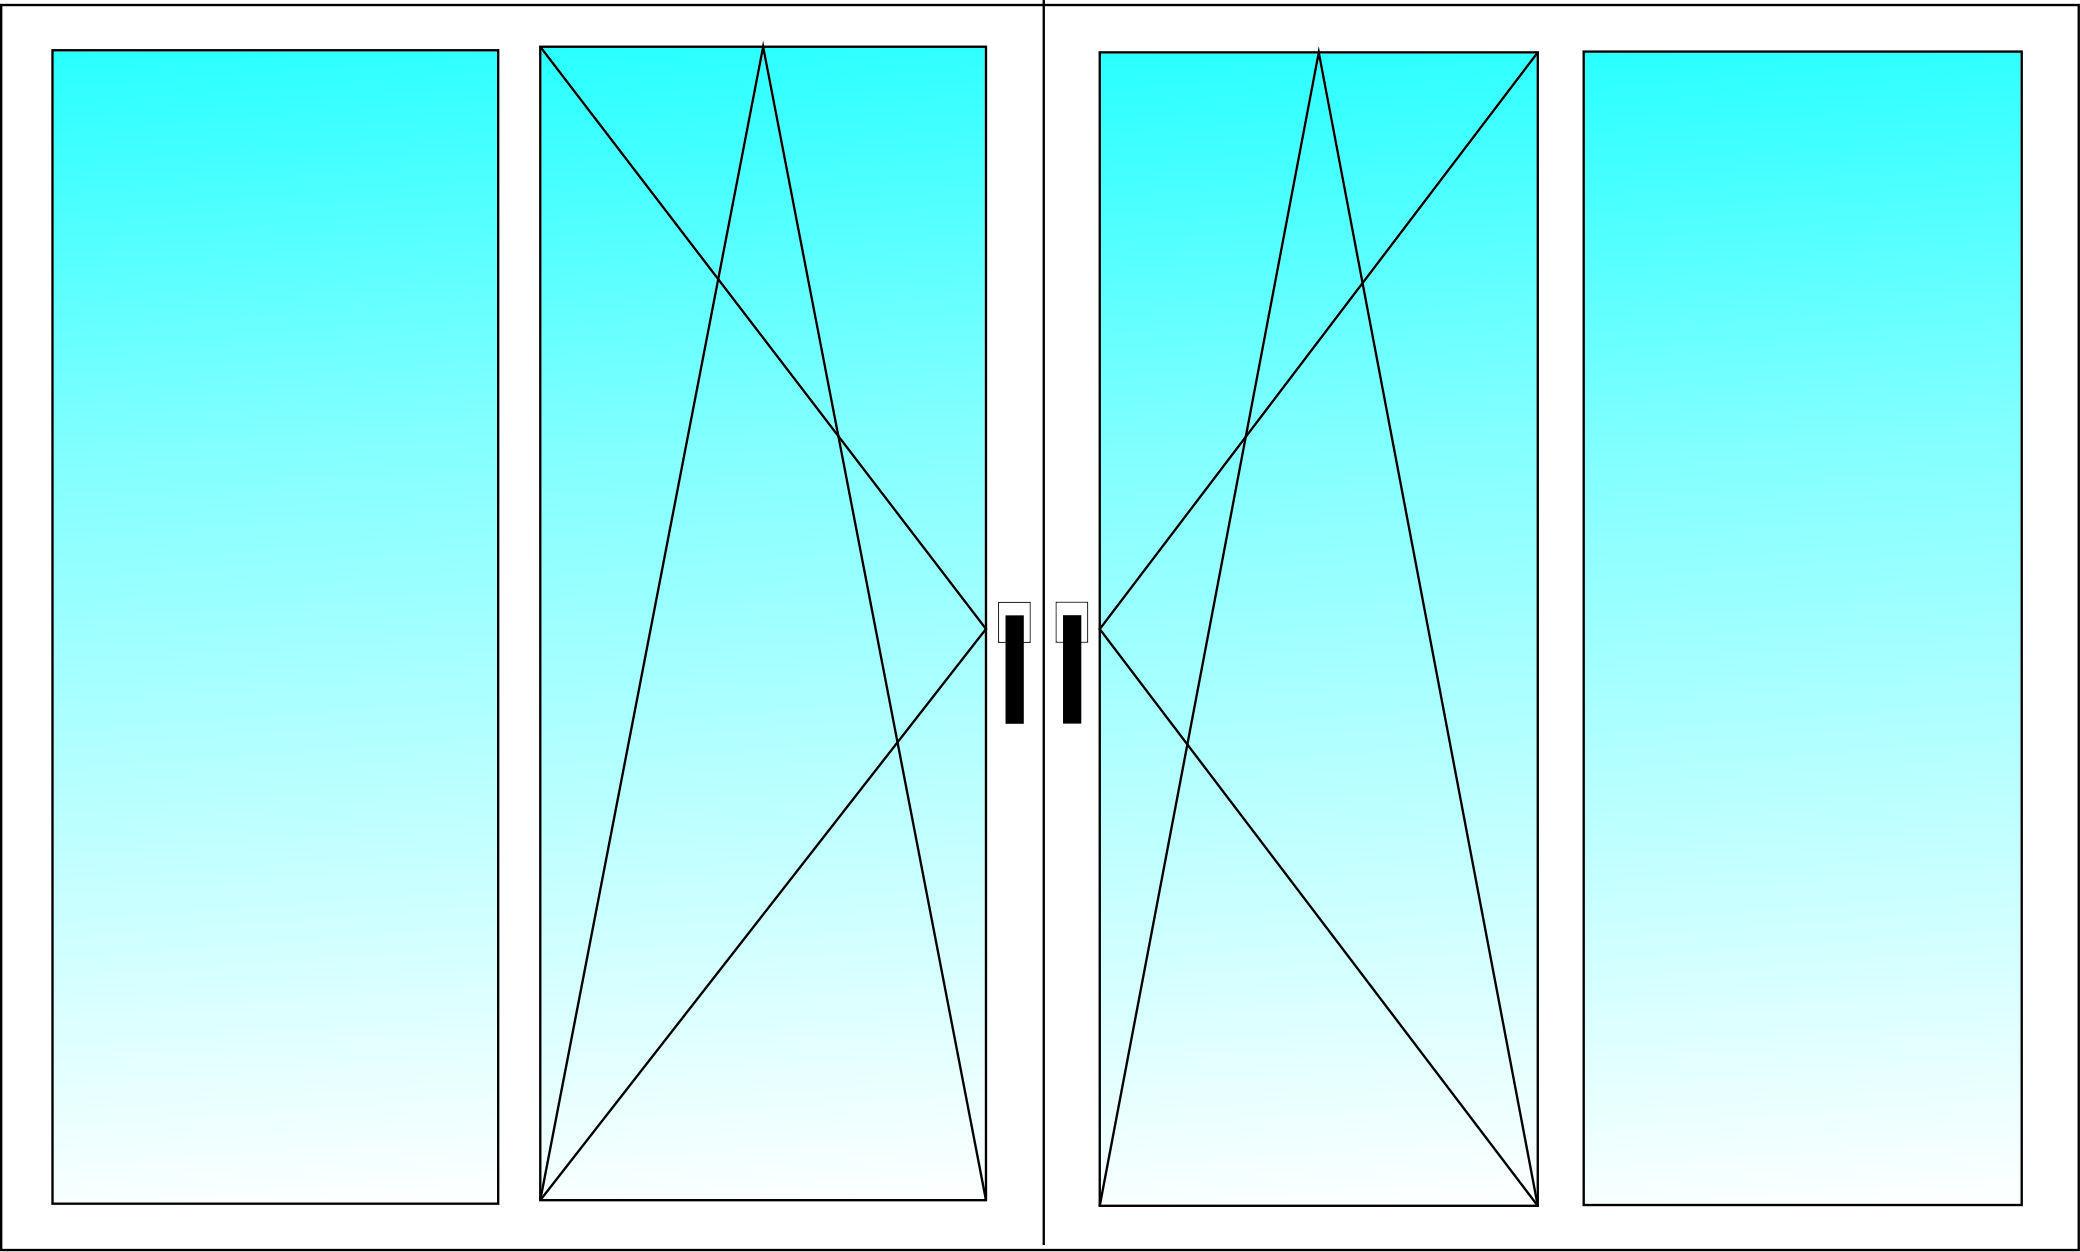 Балконная рама PLAFEN 3-х камерный профиль с однокамерным стеклопакетом 1500х2500 мм